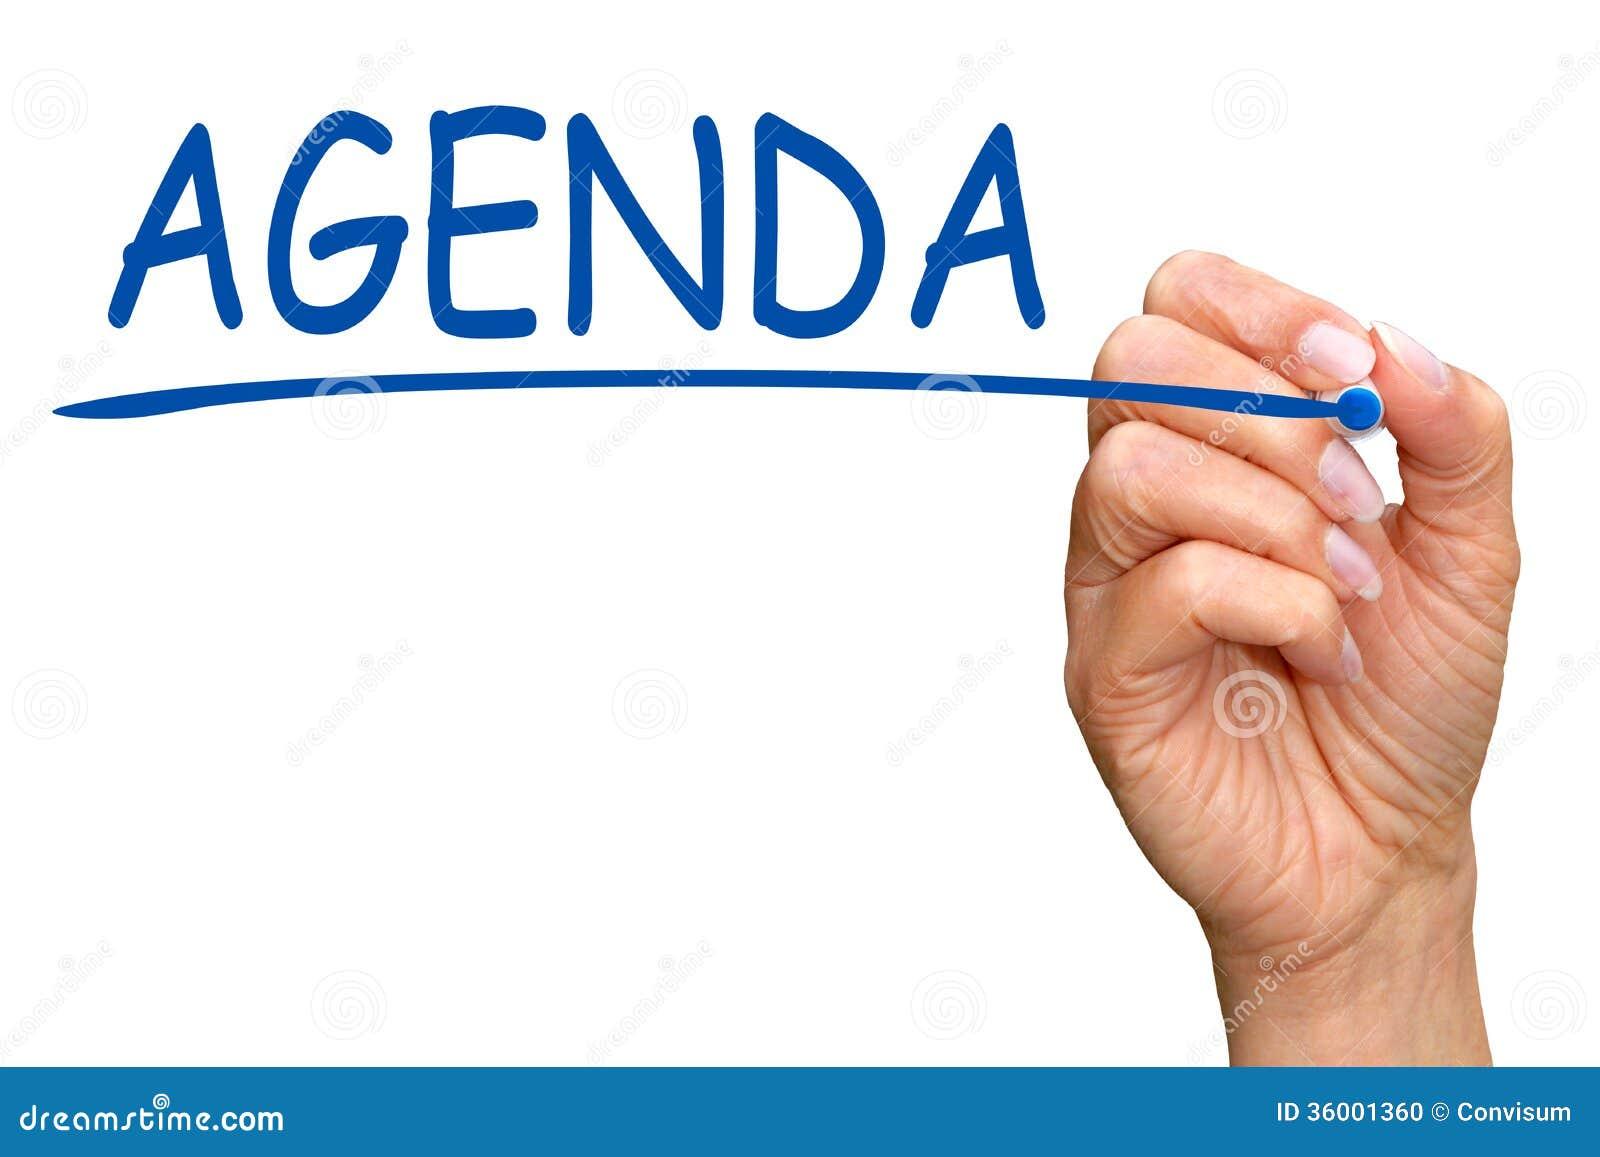 Hand writing word agenda